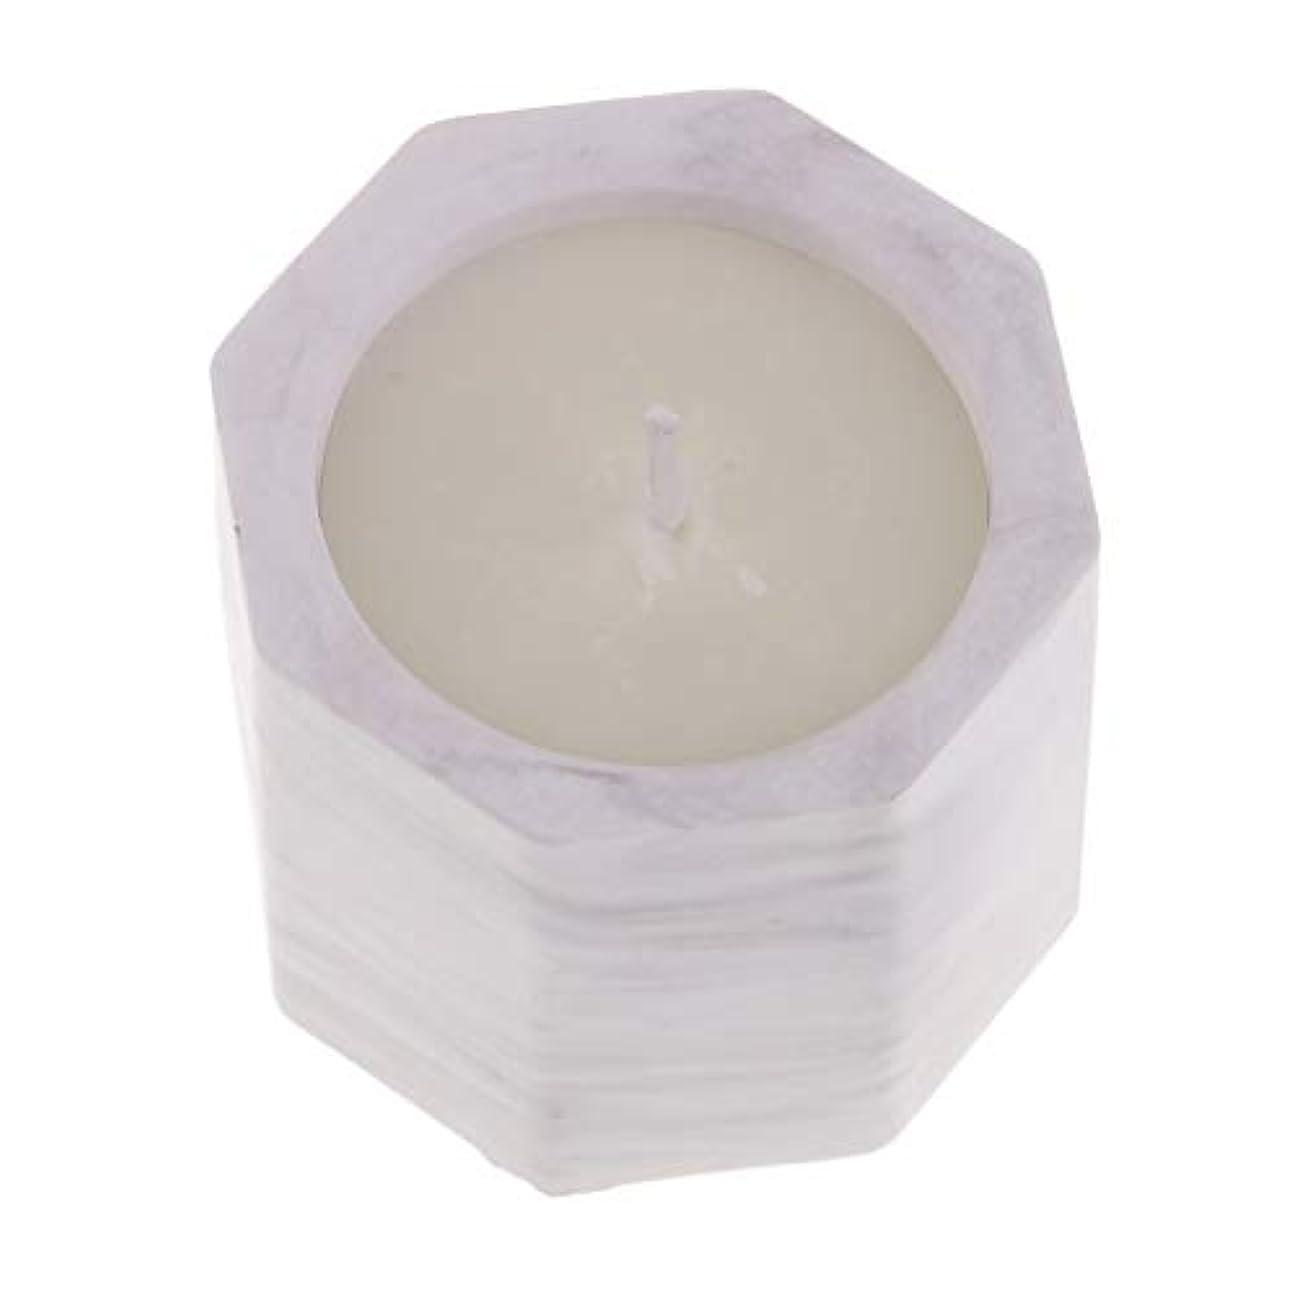 酸っぱい検出可能薄いですchiwanji エッセンシャルオイルアロマセラピーダイズワックス香料入りキャンドルW/フレグランスストーンホルダー